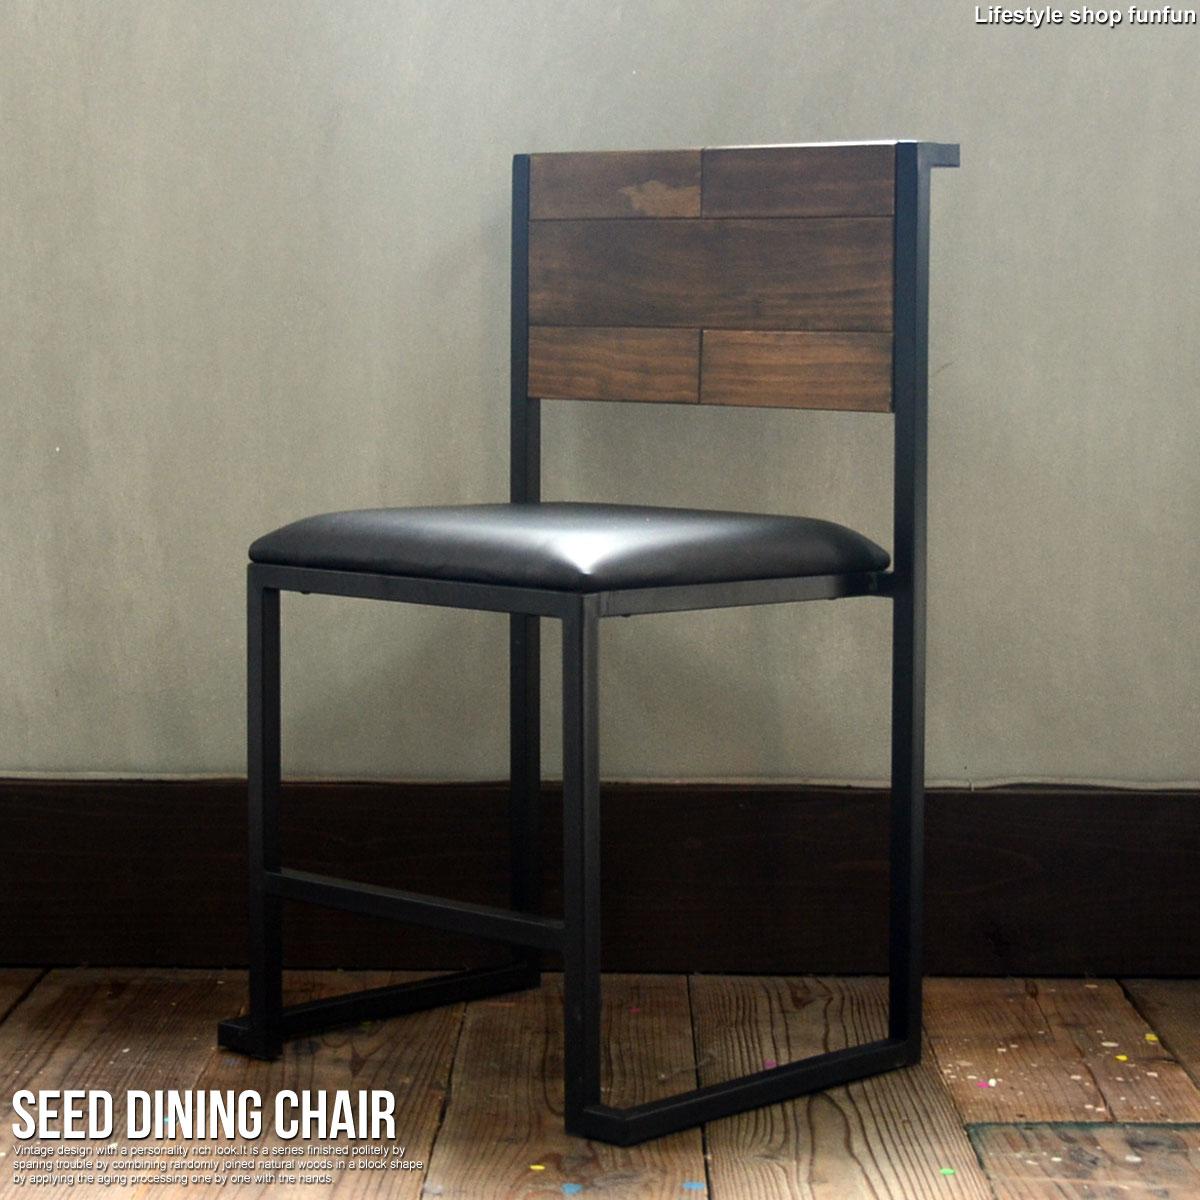 ダイニングチェア 椅子 SEED シード 木製チェア チェアー 椅子 パーソナルチェア 天然木 男前 アイアン ブルックリン シンプル【あす楽】【着後レビューで扇風機】